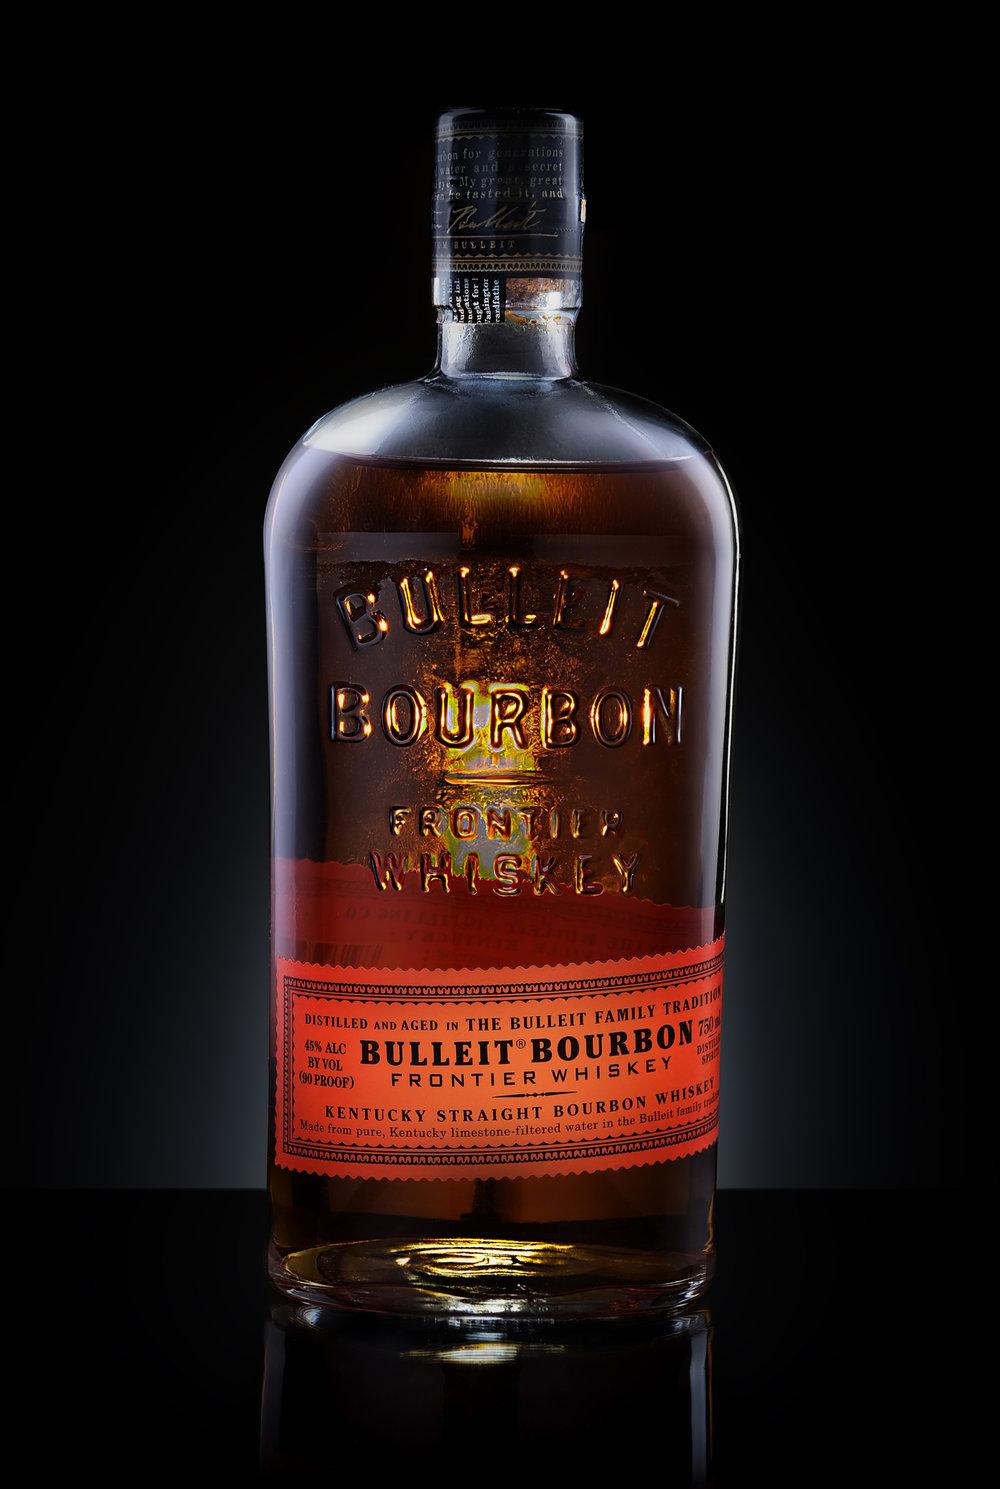 viski burbon flasa proizvod.jpg